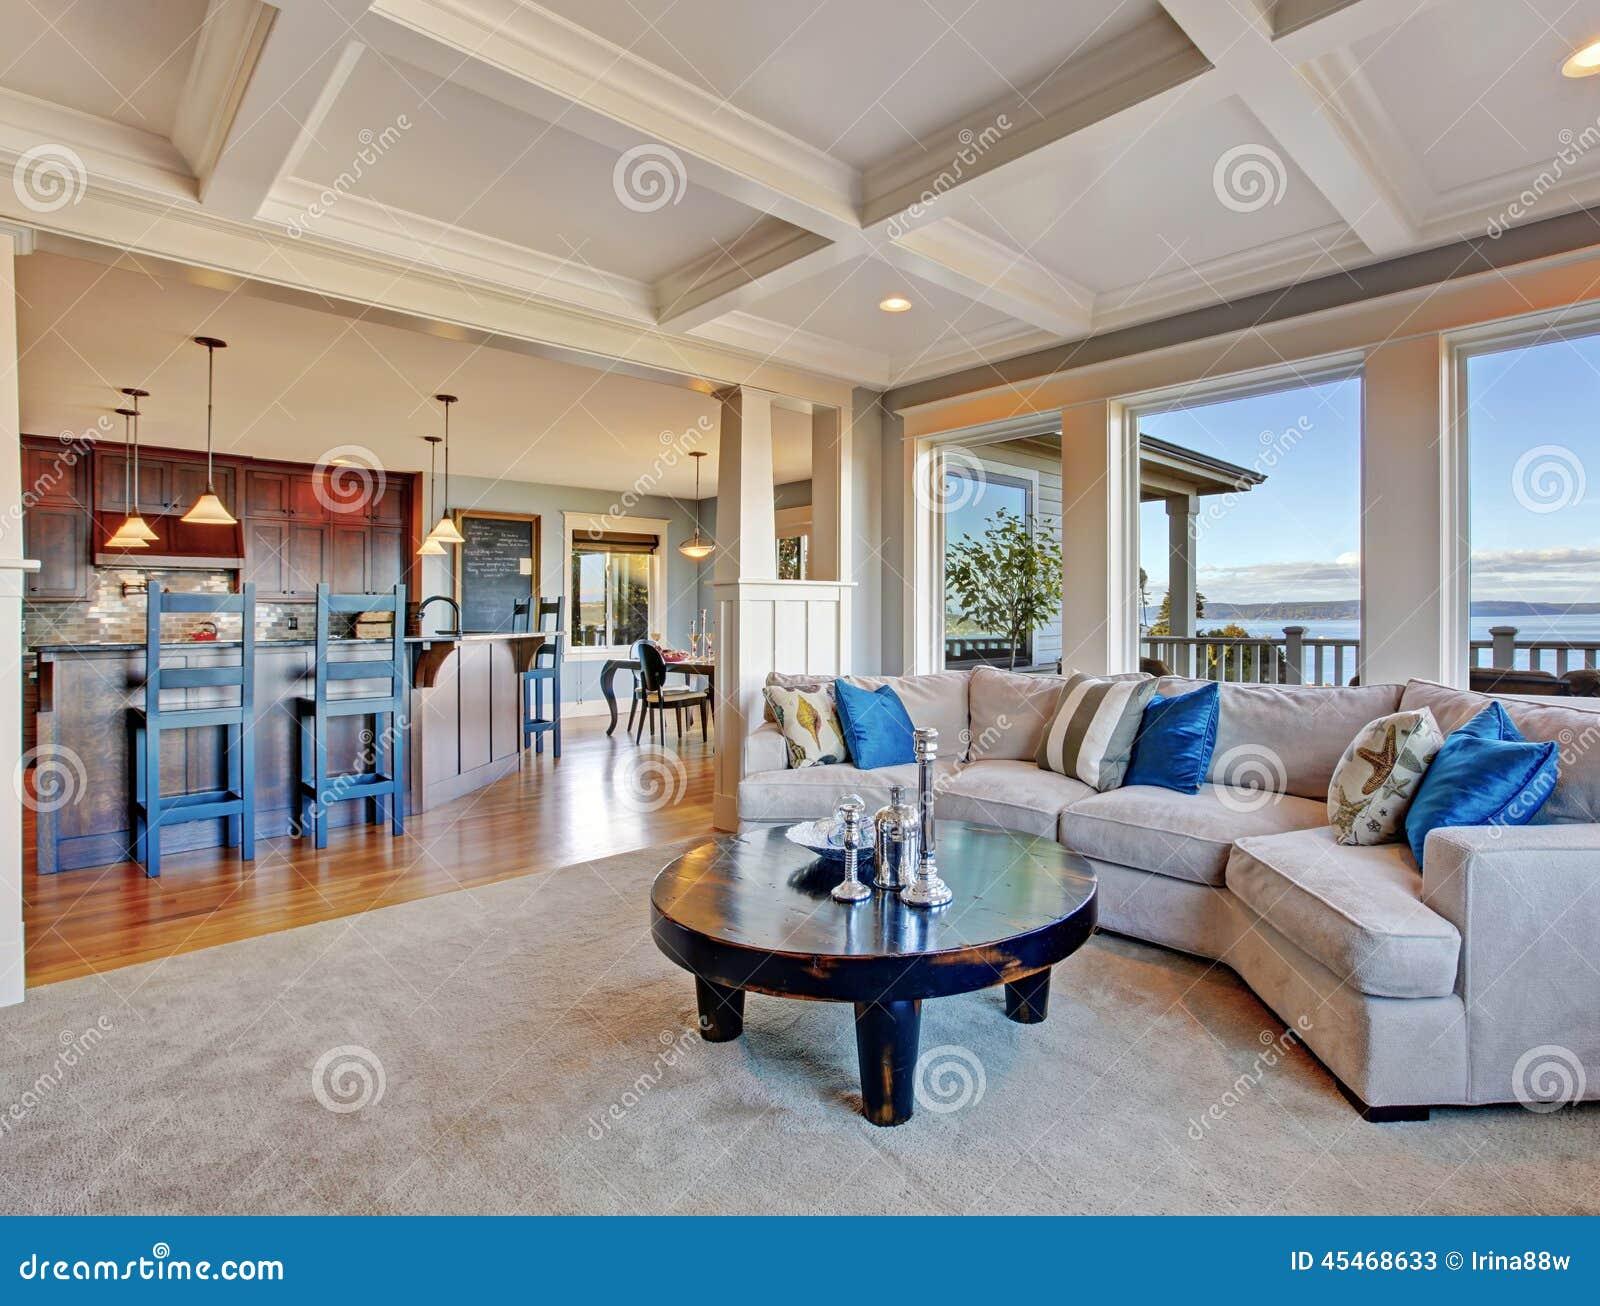 Maison de luxe avec l'espace ouvert plafond de coffered, tapis et ...